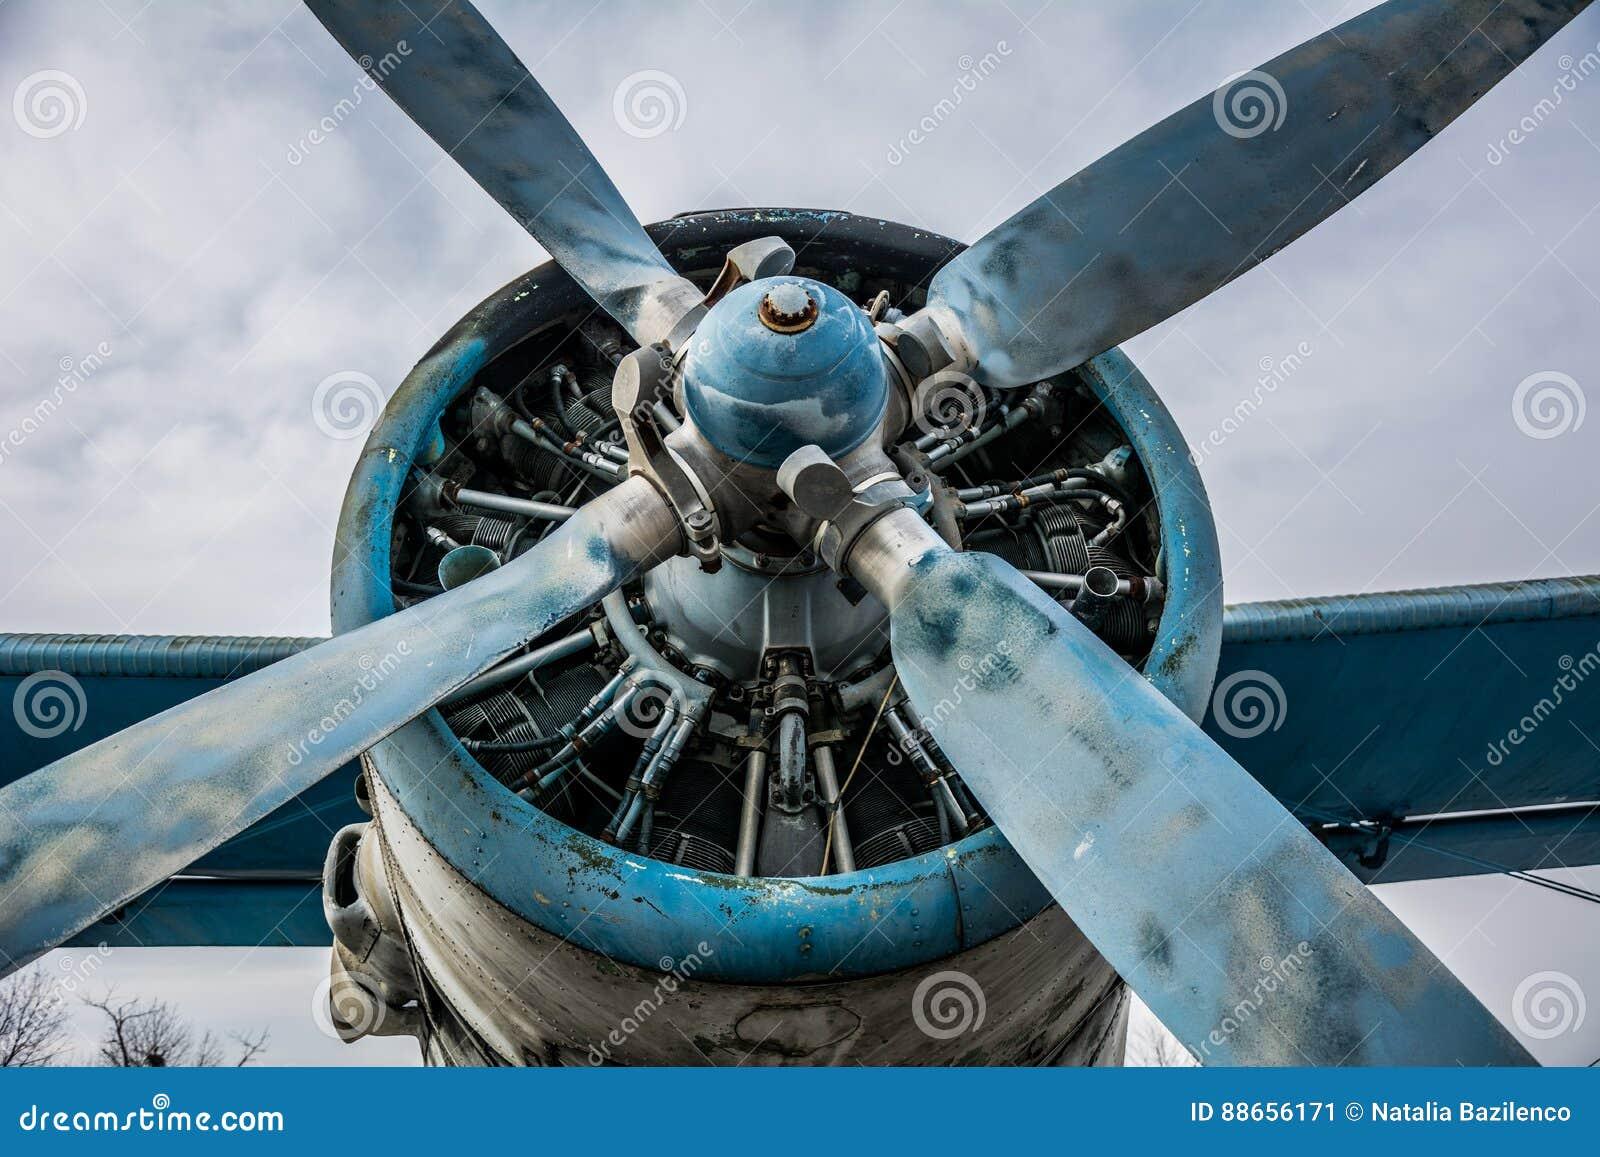 Plano de hélice